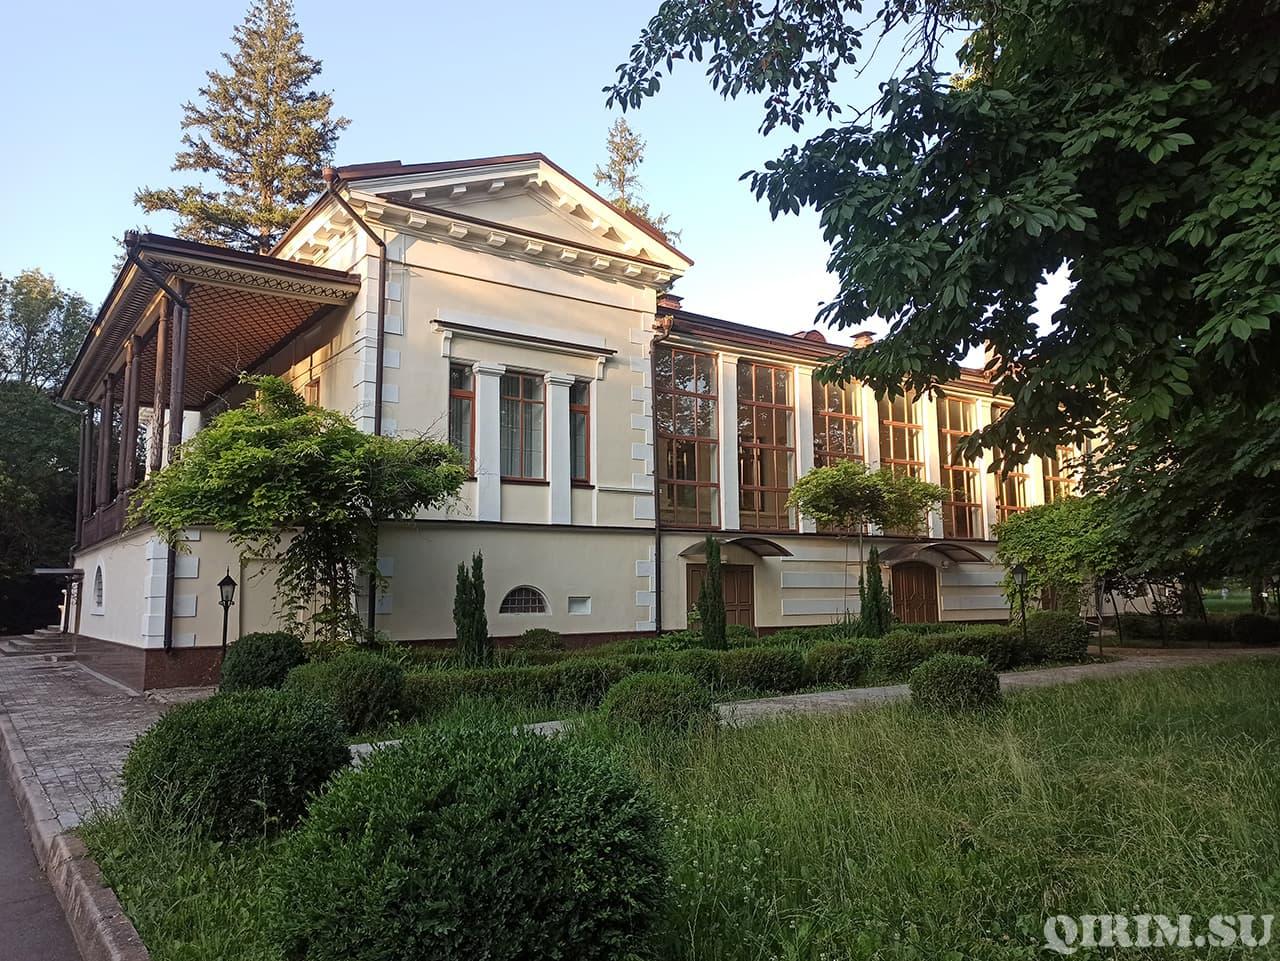 Загородный дом Воронцова в Ботаническом саду 2